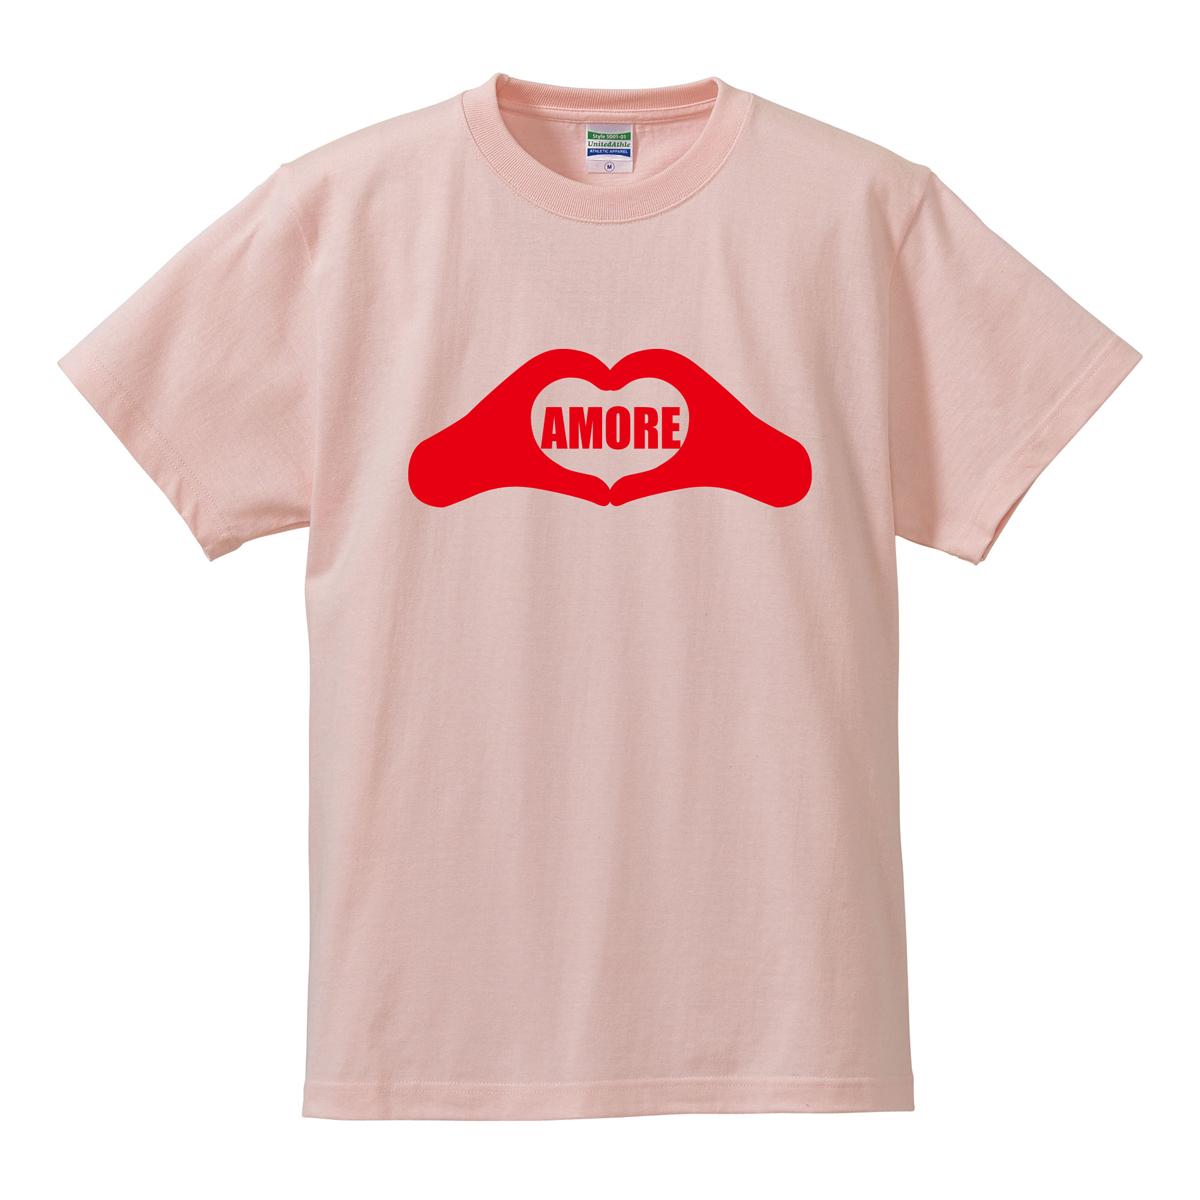 アモーレ Tシャツ ハート